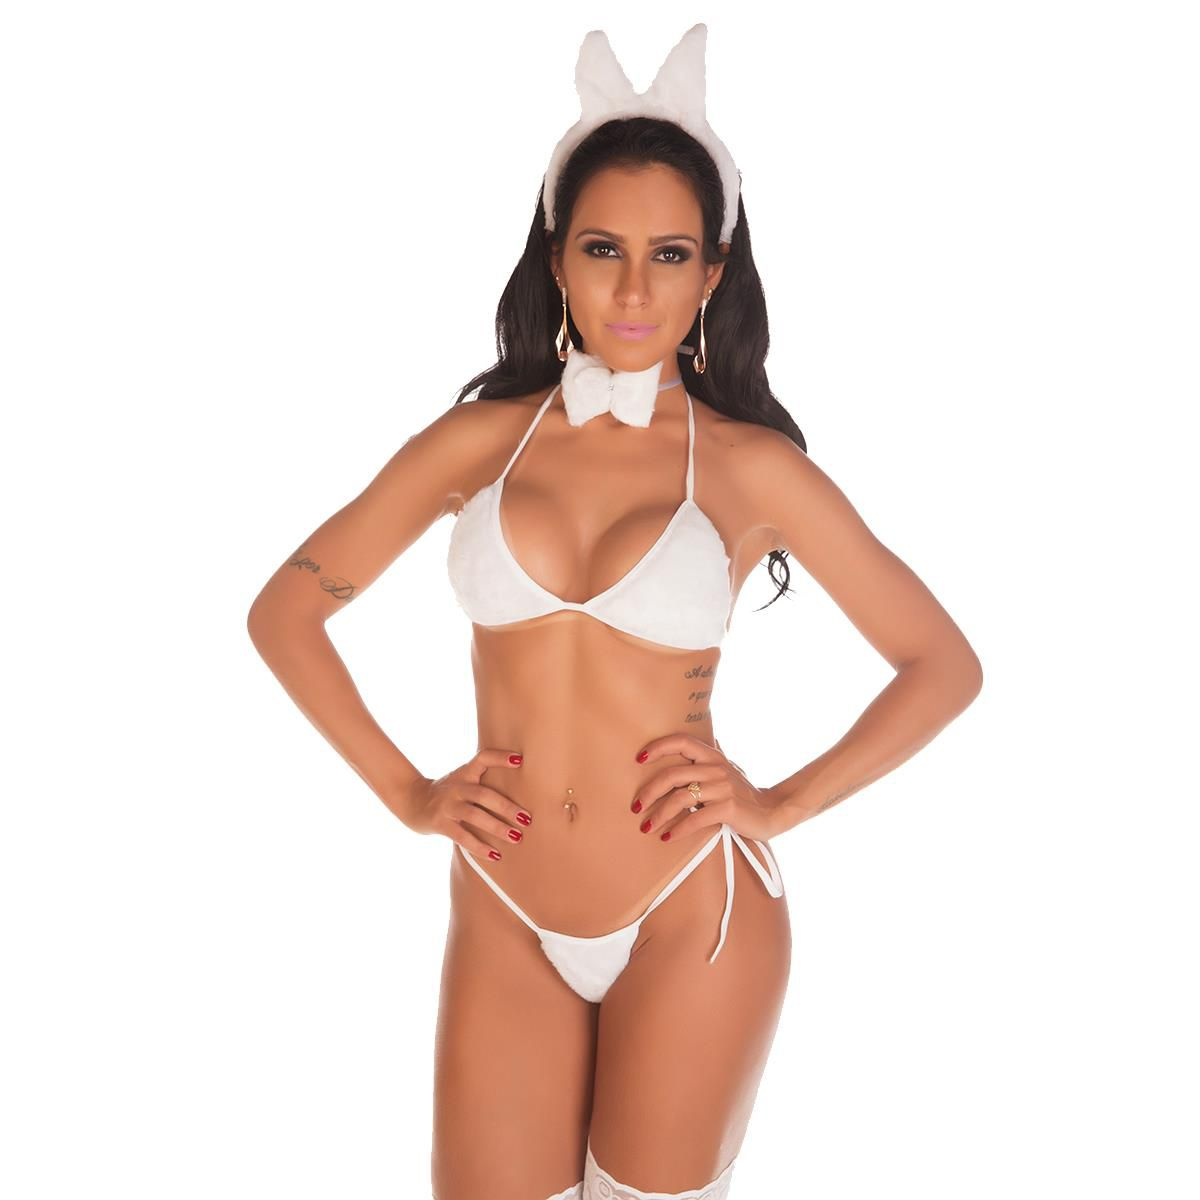 Fantasia Completa Páscoa Coelha de Pelúcia Pimenta Sexy